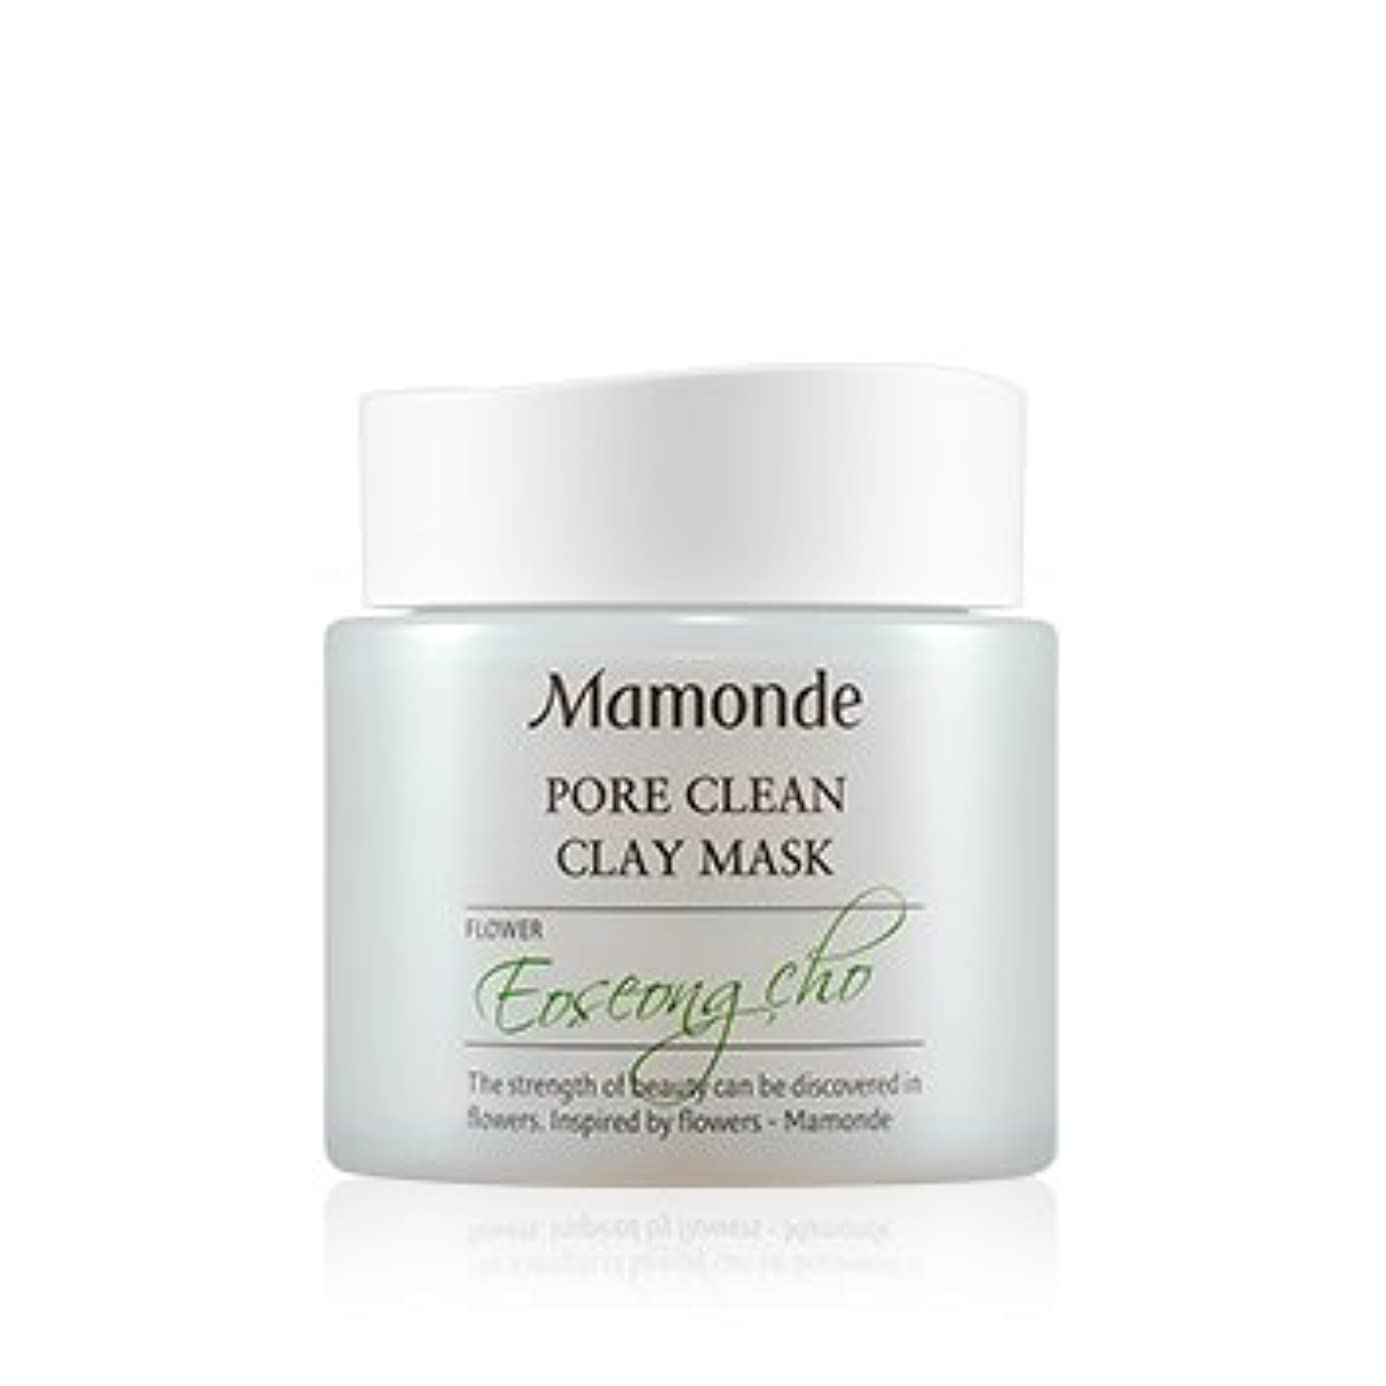 鹿持参アミューズ[New] Mamonde Pore Clean Clay Mask 100ml/マモンド ポア クリーン クレイ マスク 100ml [並行輸入品]